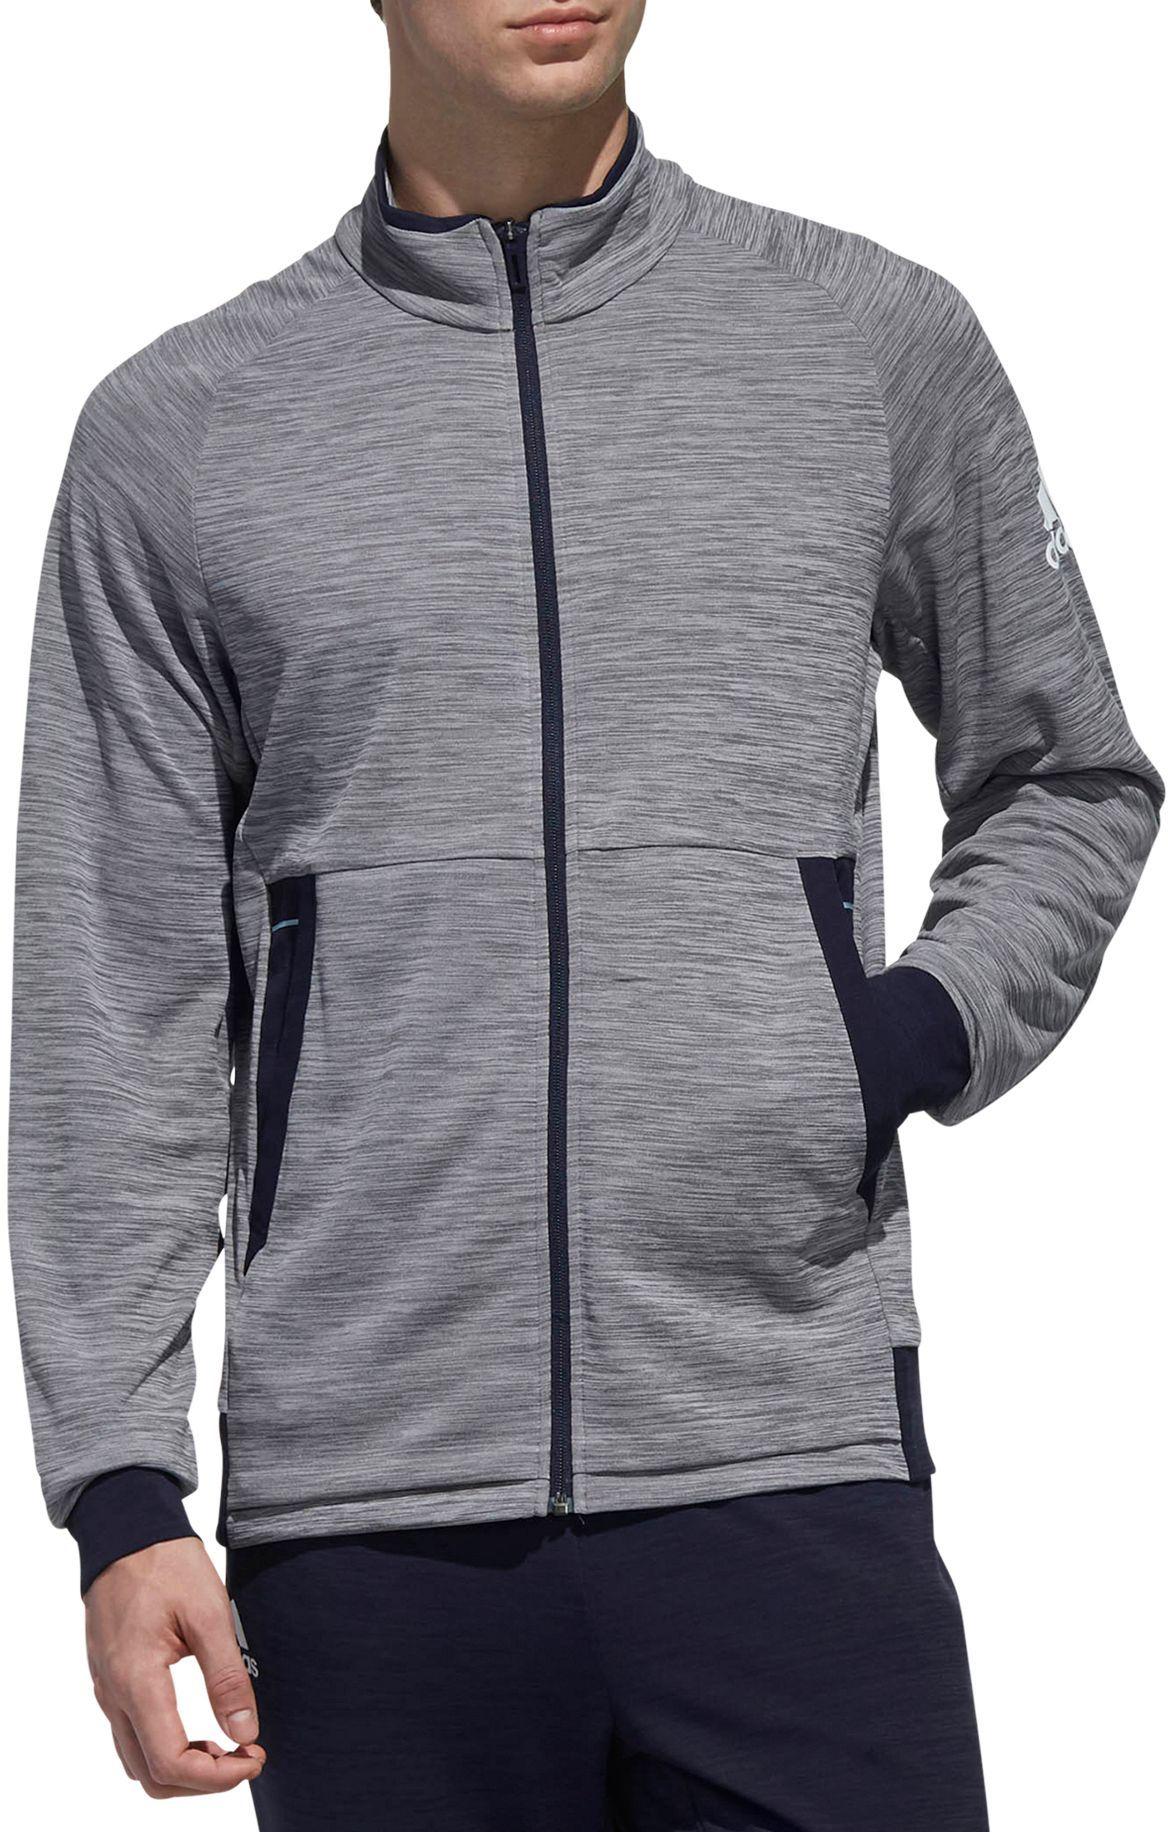 Adidas Men S Knit Grey Six Tennis Jacket Size Medium Gray Jackets Gray Jacket Men S Knit